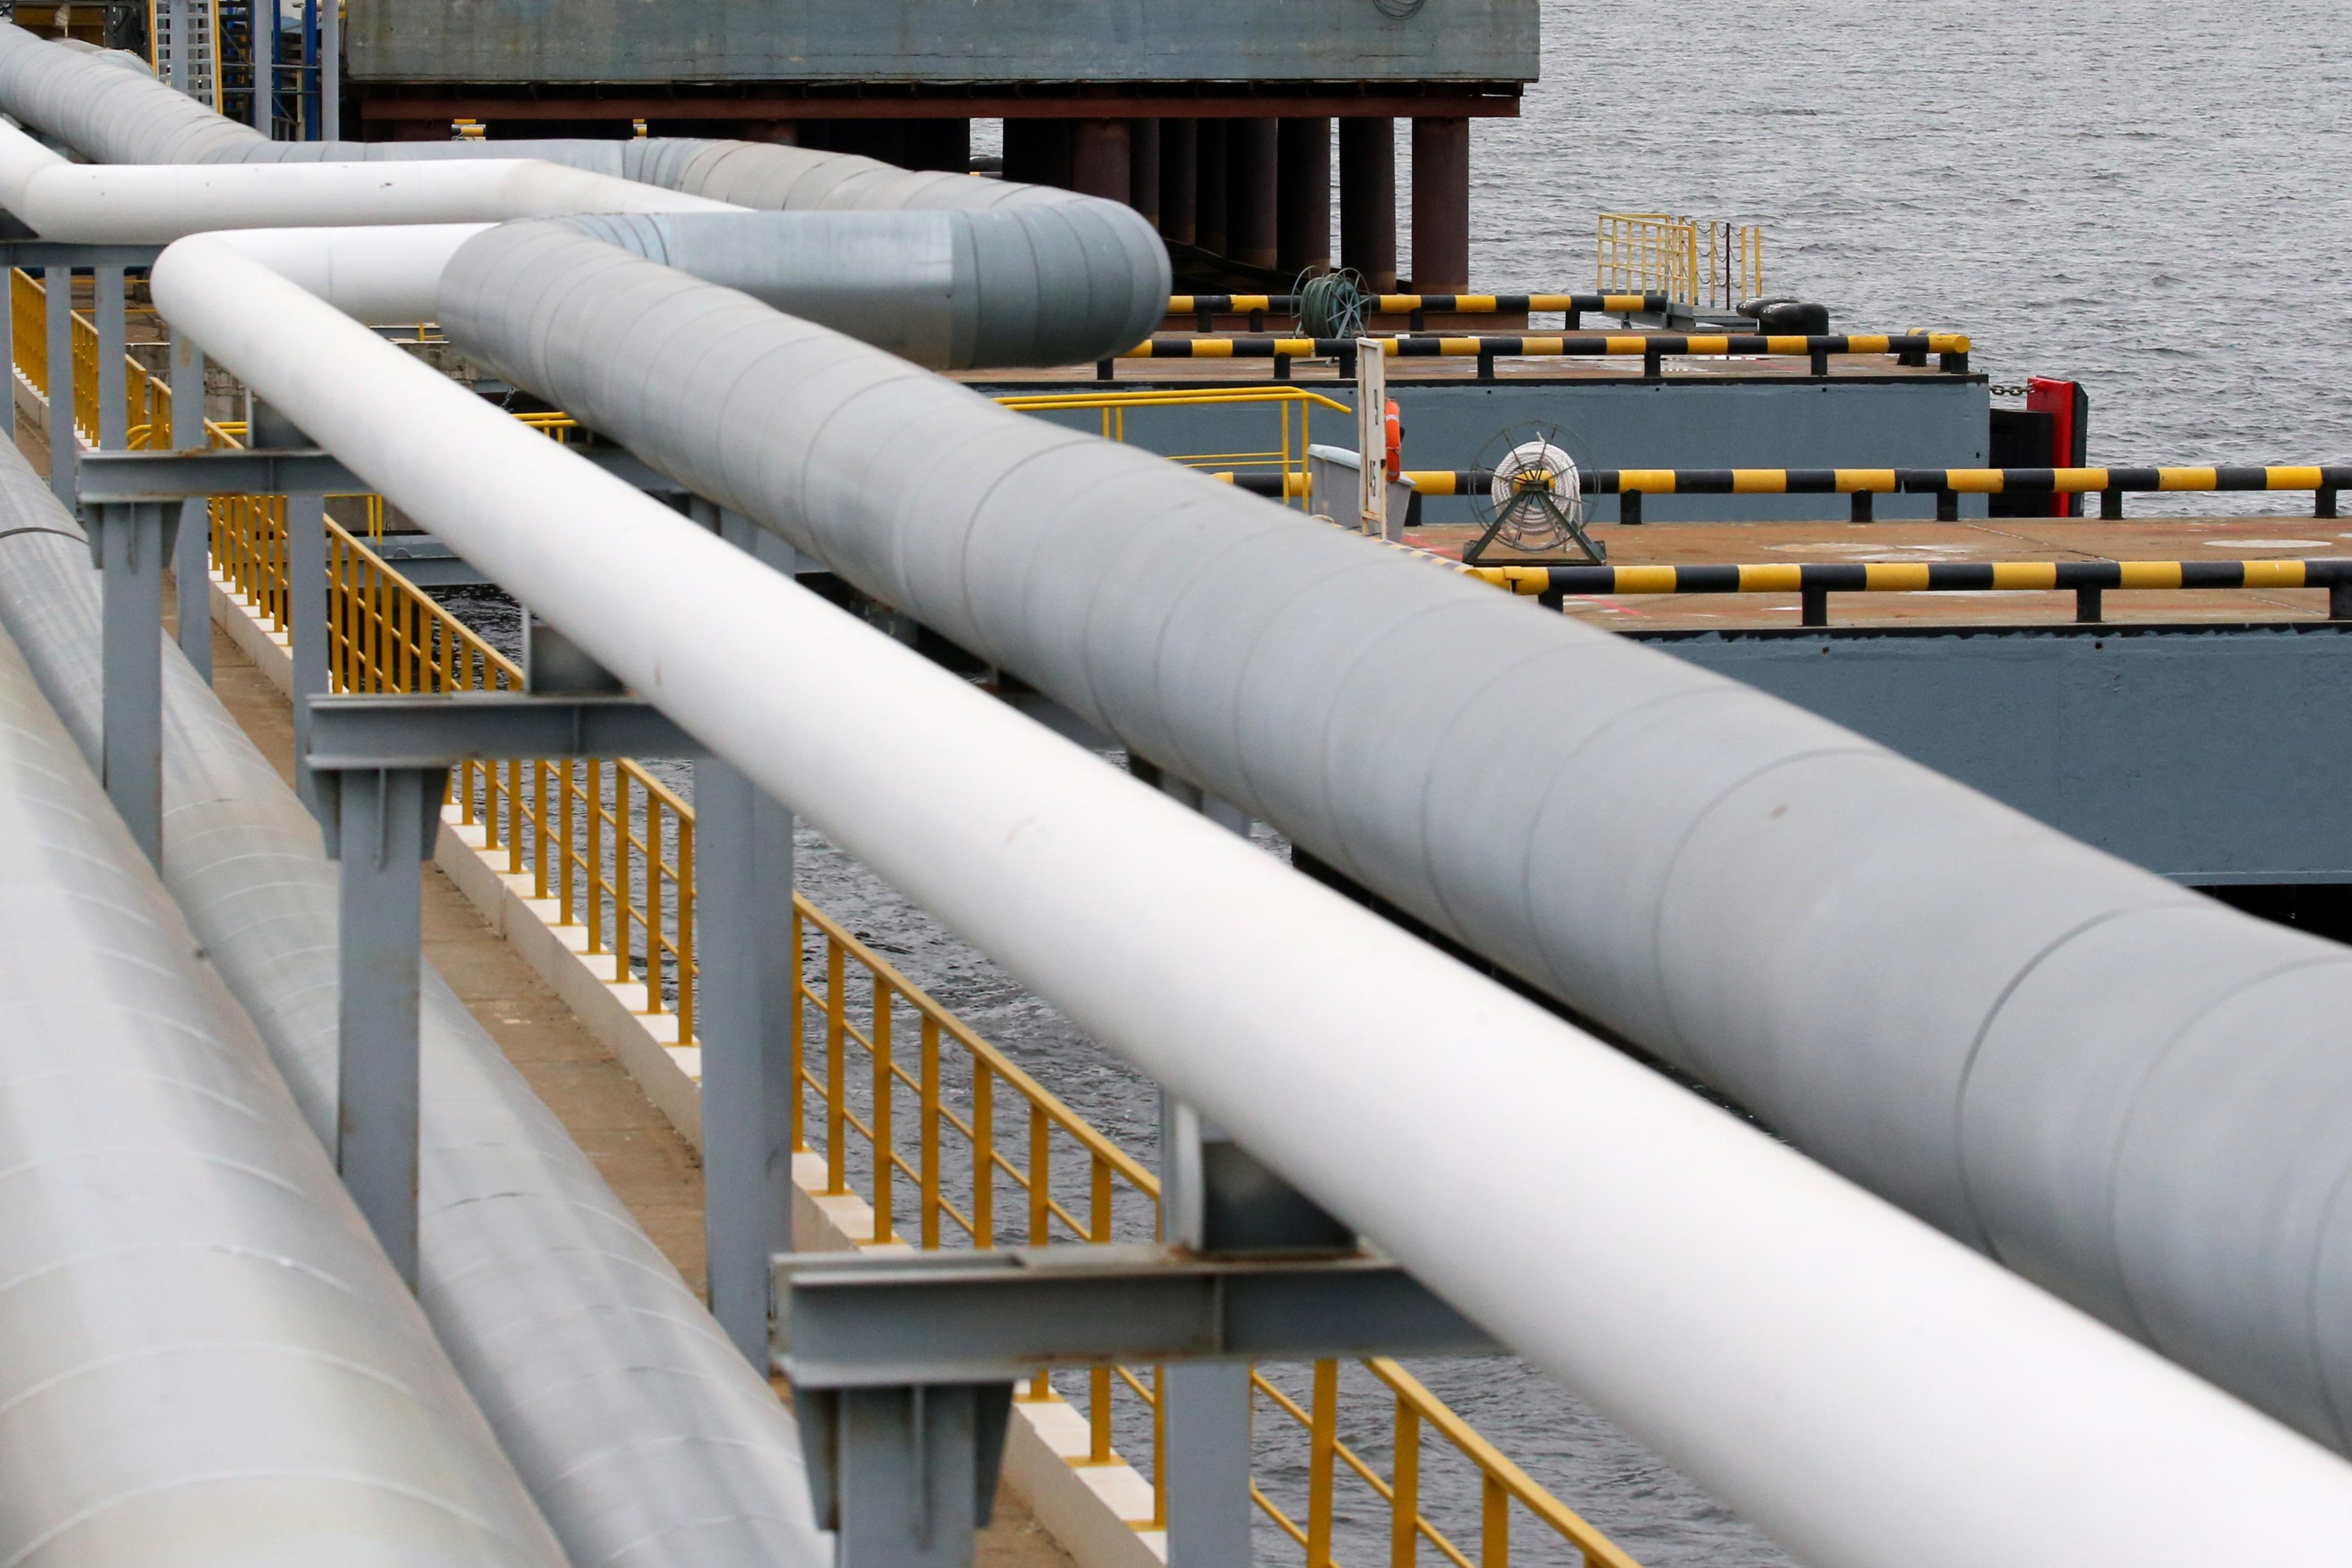 «Транснефть» остановила перевалку нефти в порту Махачкалы из-за взрыва на танкере